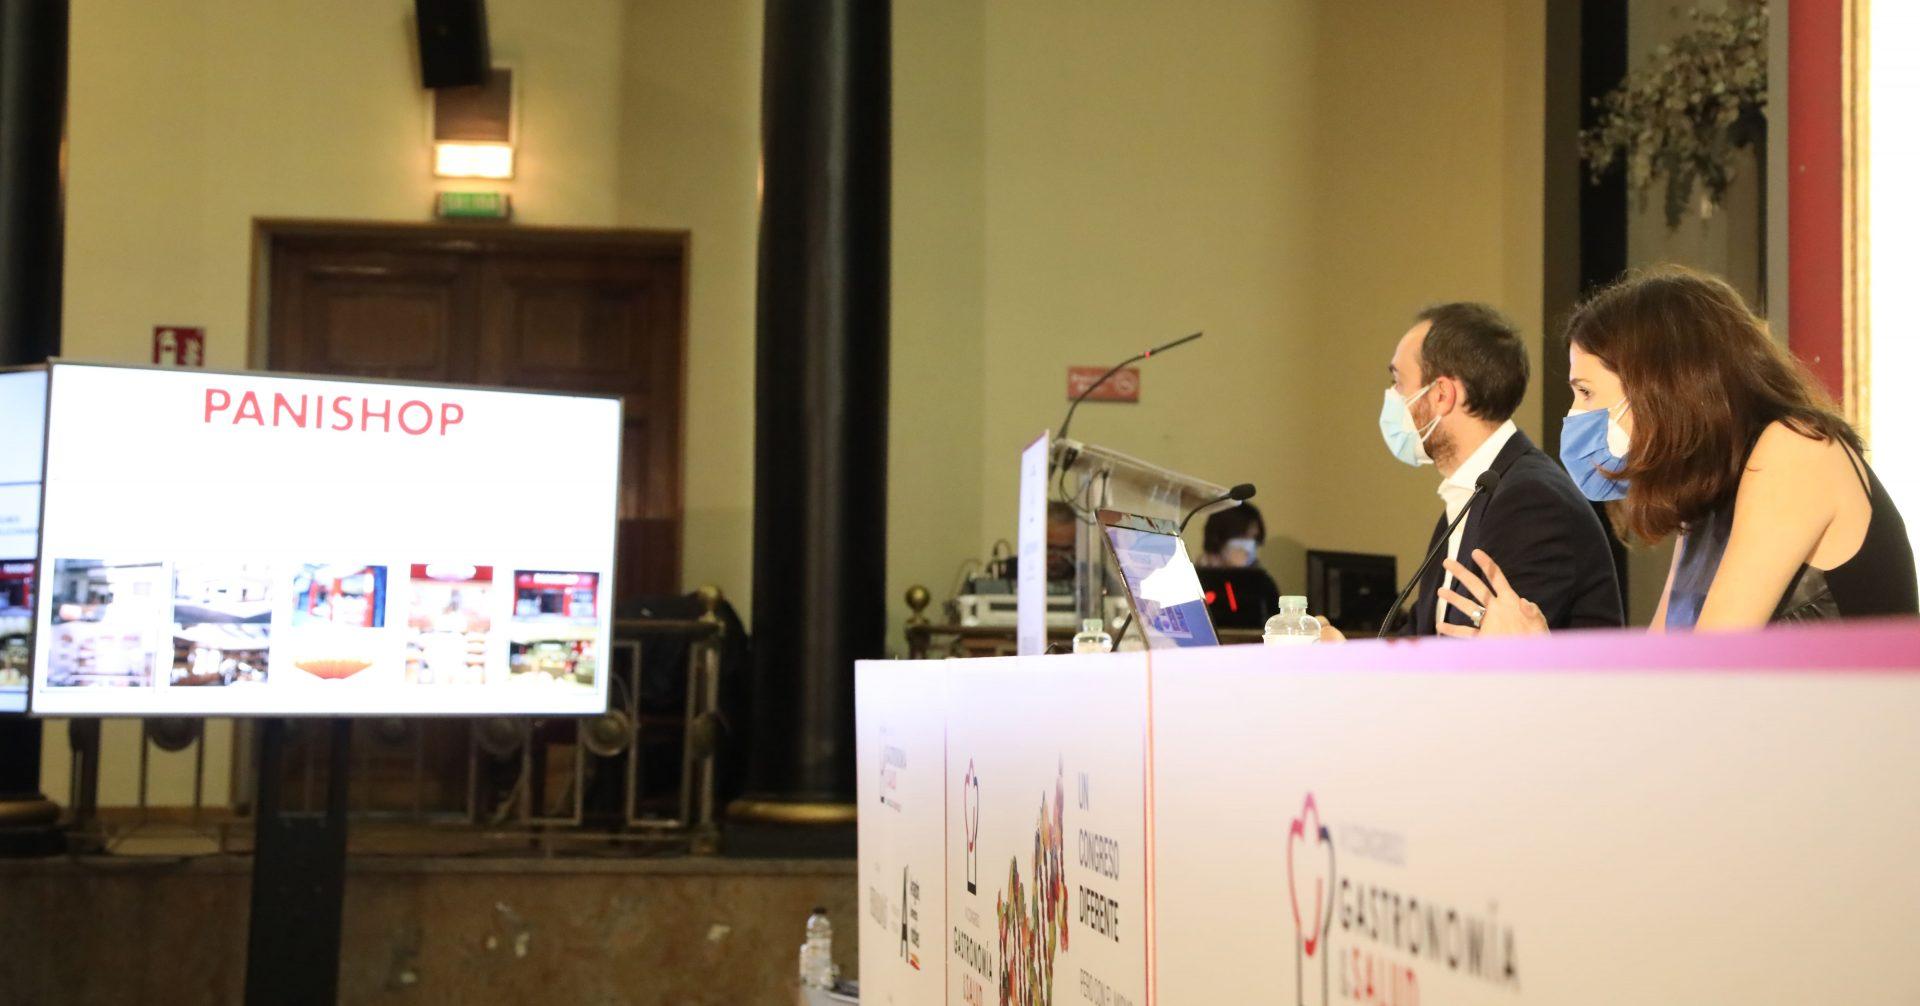 Panishop participa de nuevo en el Congreso Gastronomía y Salud